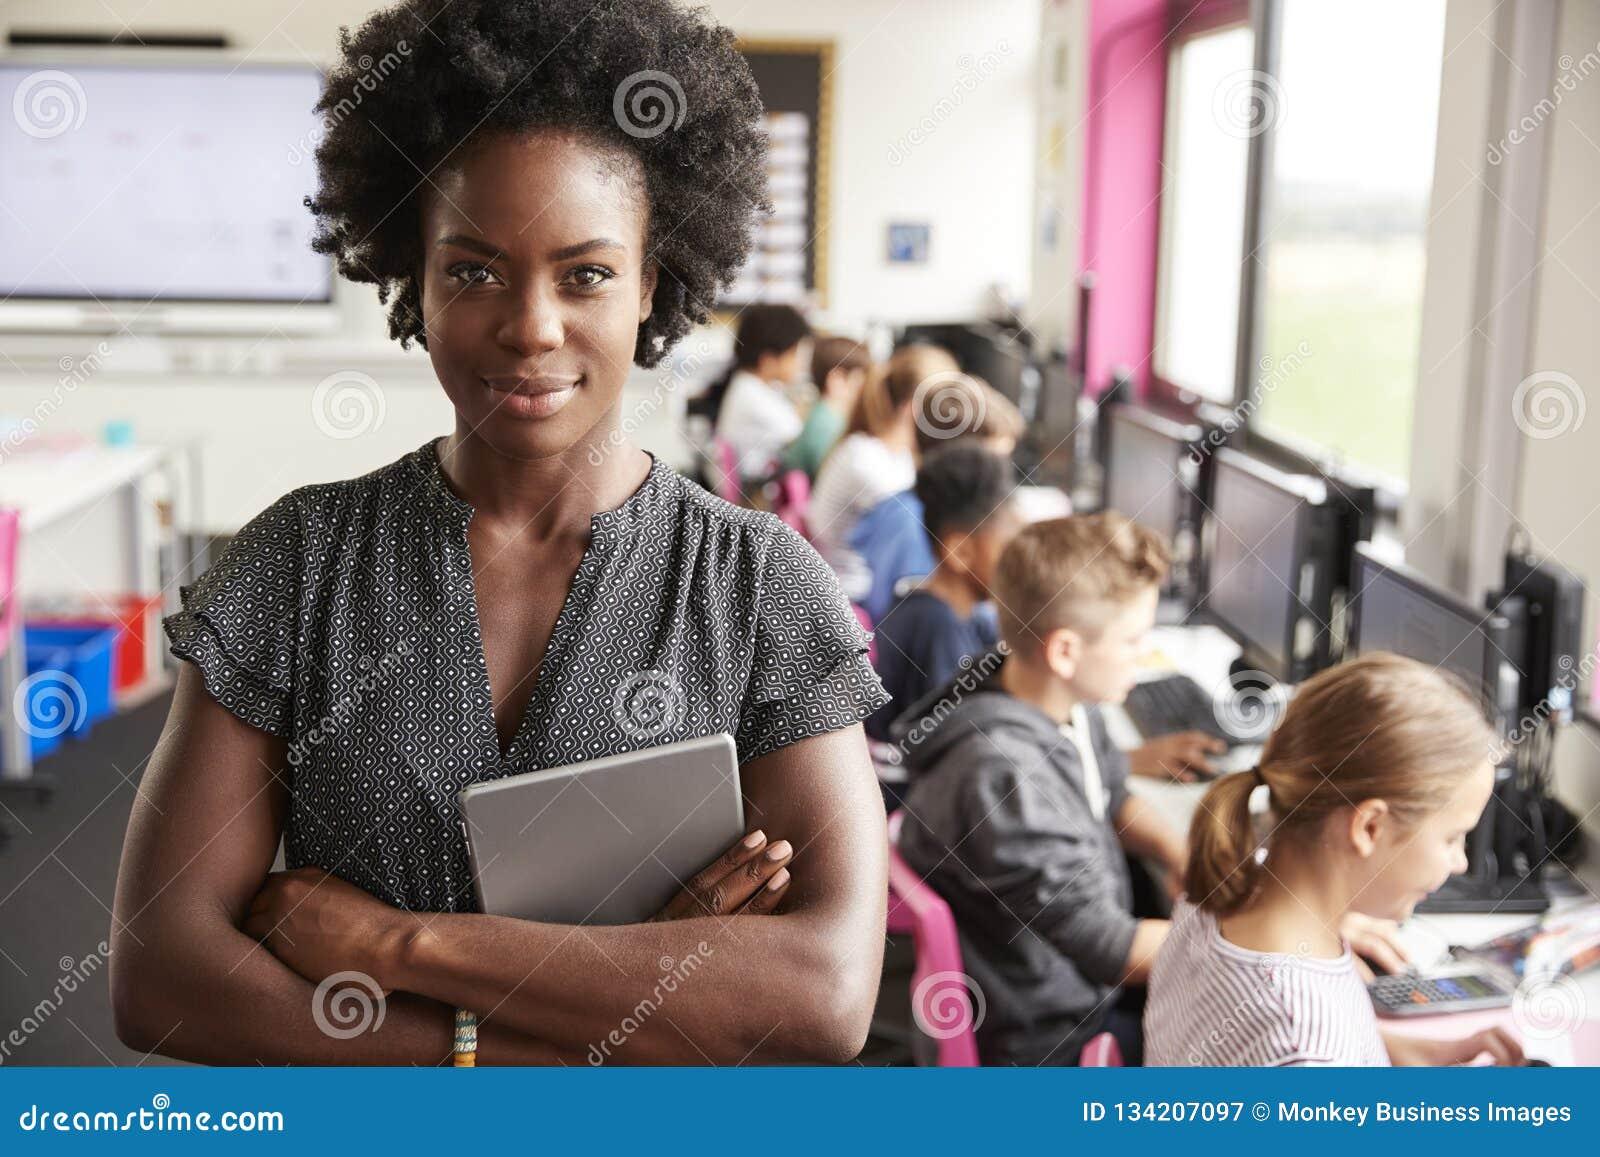 Портрет учительницы держа линию преподавательства планшета цифров студентов средней школы сидя экранами в классе компьютера